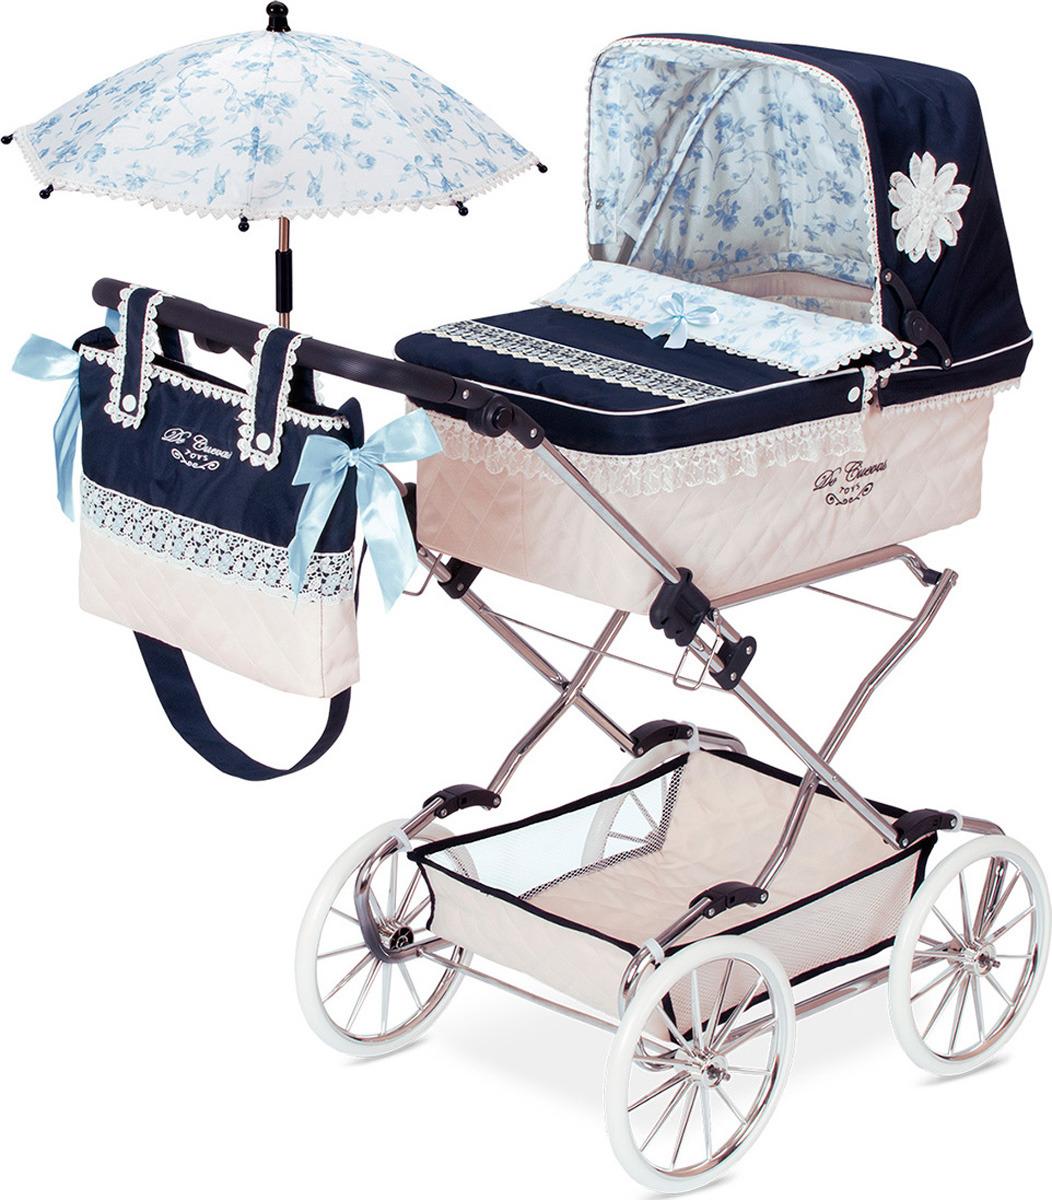 Коляска DeCuevas Романтик, 82025, с сумкой и зонтиком, синий, голубой, белый, 90 см decuevas коляска для куклы романтик с сумкой и зонтом цвет розовый 65 см